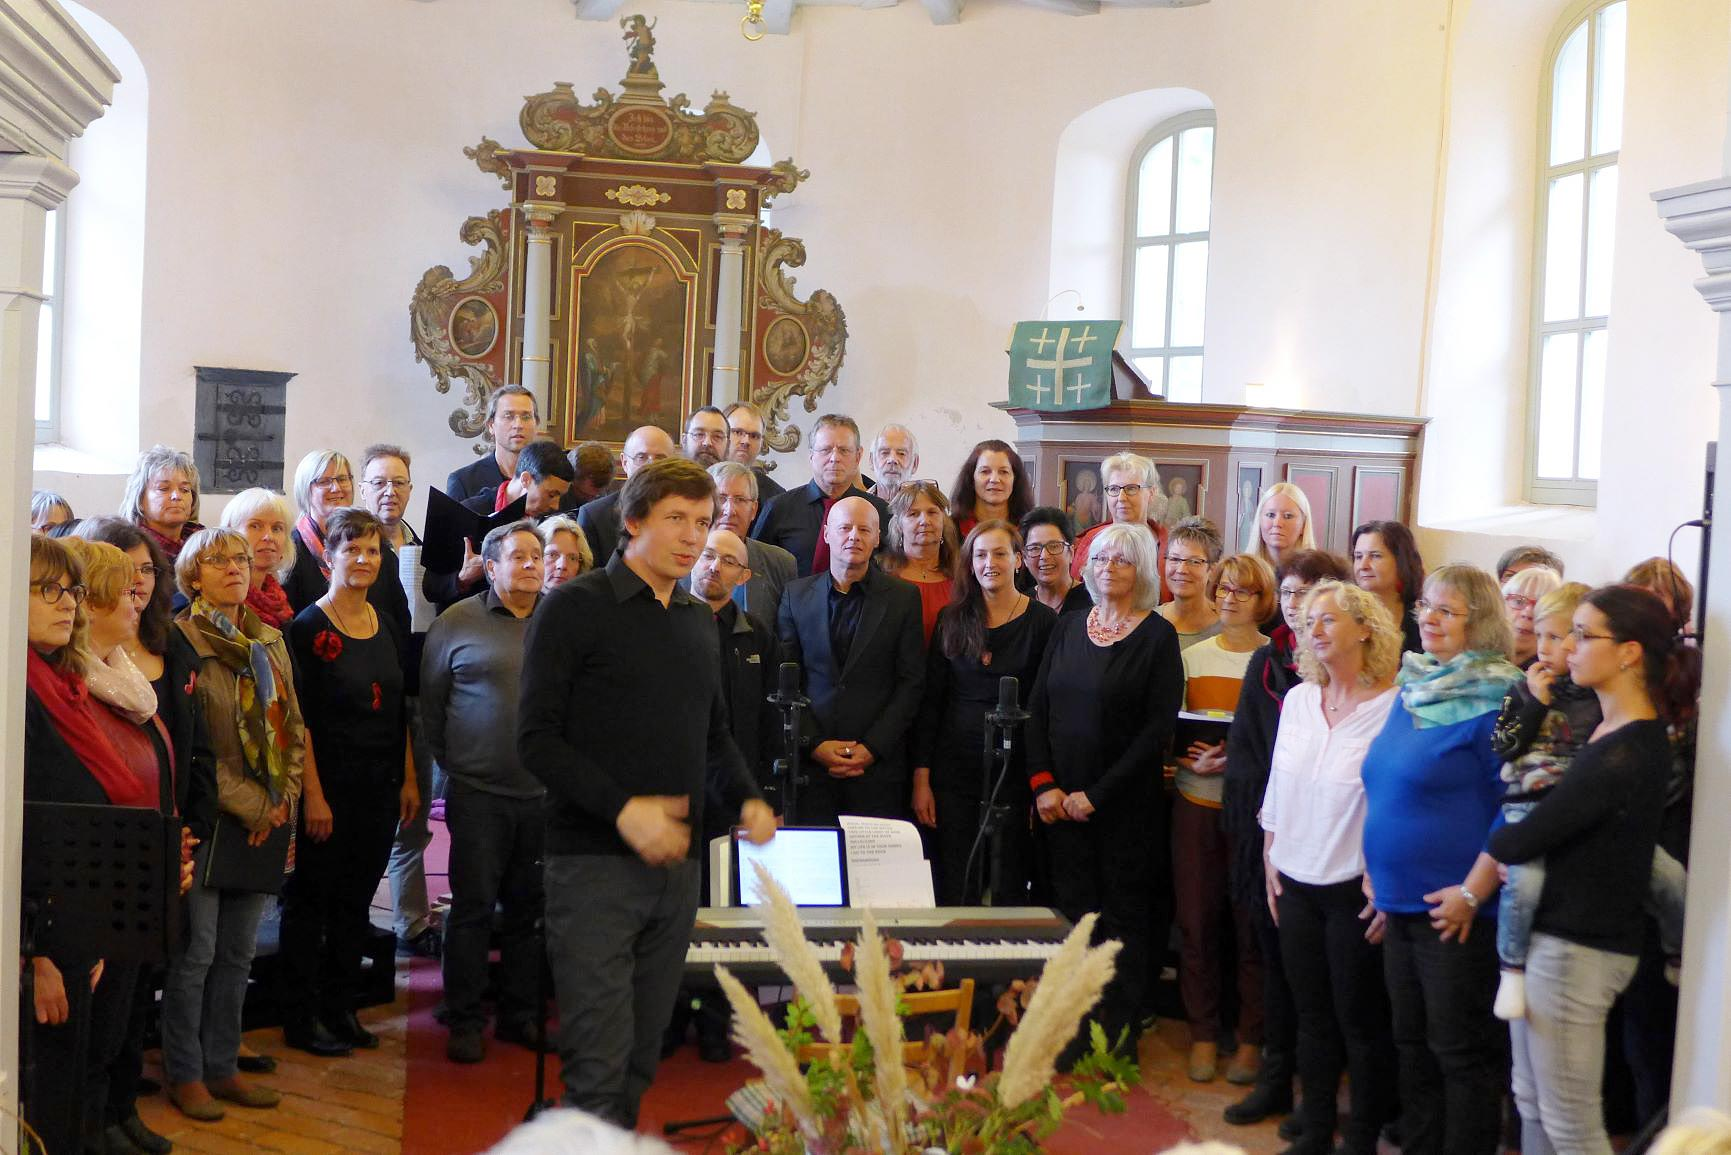 Gospelchor mit Gästen und Ilja Panzer - Gemeindefest 2018